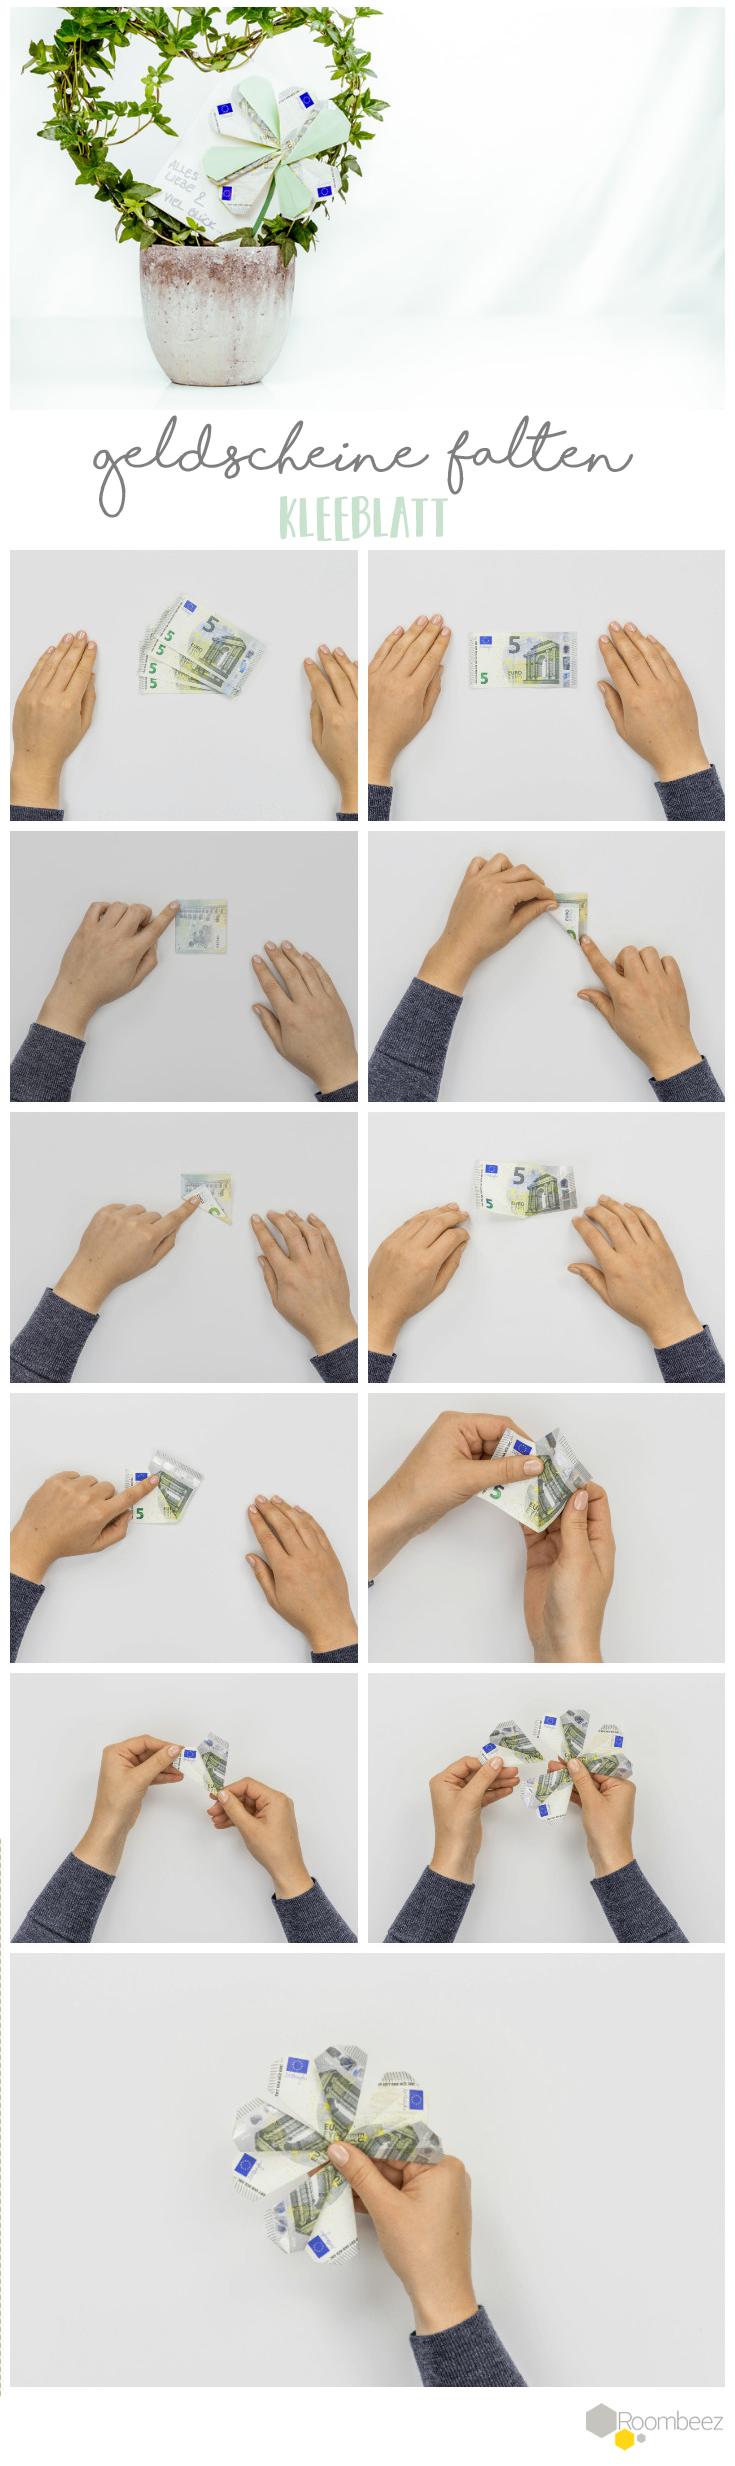 Kleeblatt Geldgeschenke Origami Geldscheine Auf Roombeez Findet Ihr Diese Und Weitere Anl Geschenkideen Freundin Geldgeschenke Weihnachtsgeschenk Freund